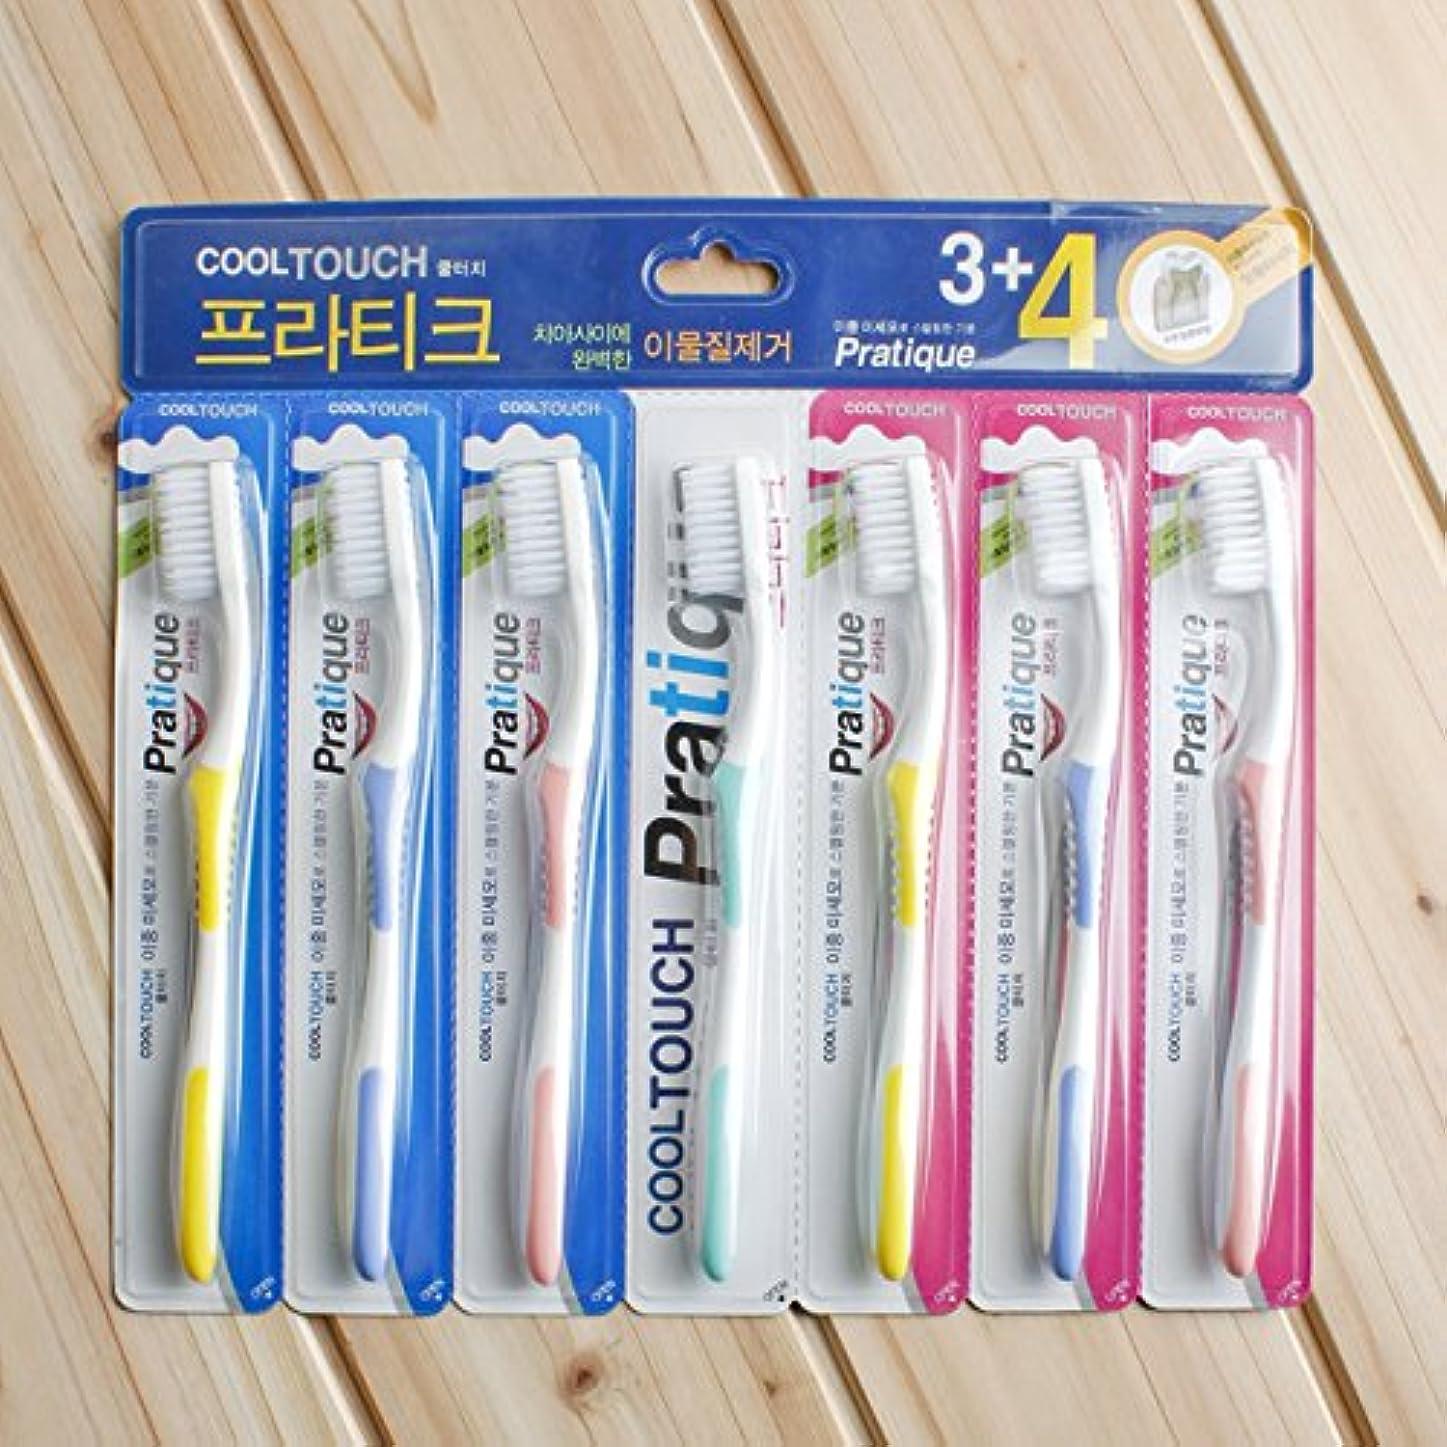 受付ほとんどない黒人VBMDoM 7個のクールタッチデュアルファイン歯ブラシ x 3 [並行輸入品]